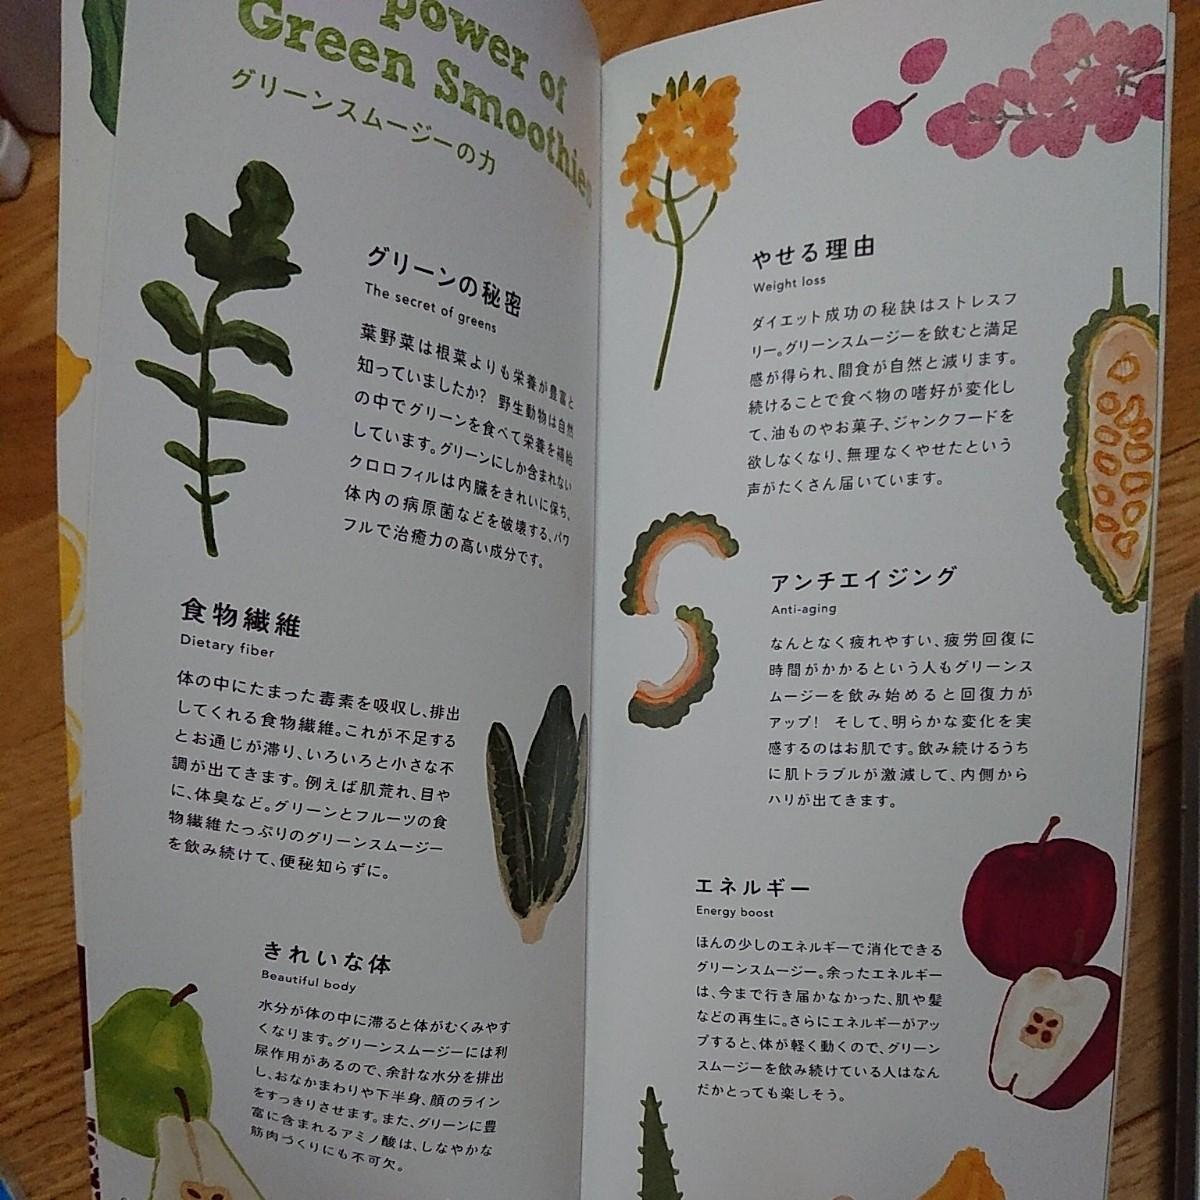 毎日グリーンスムージー4weeksレシピ